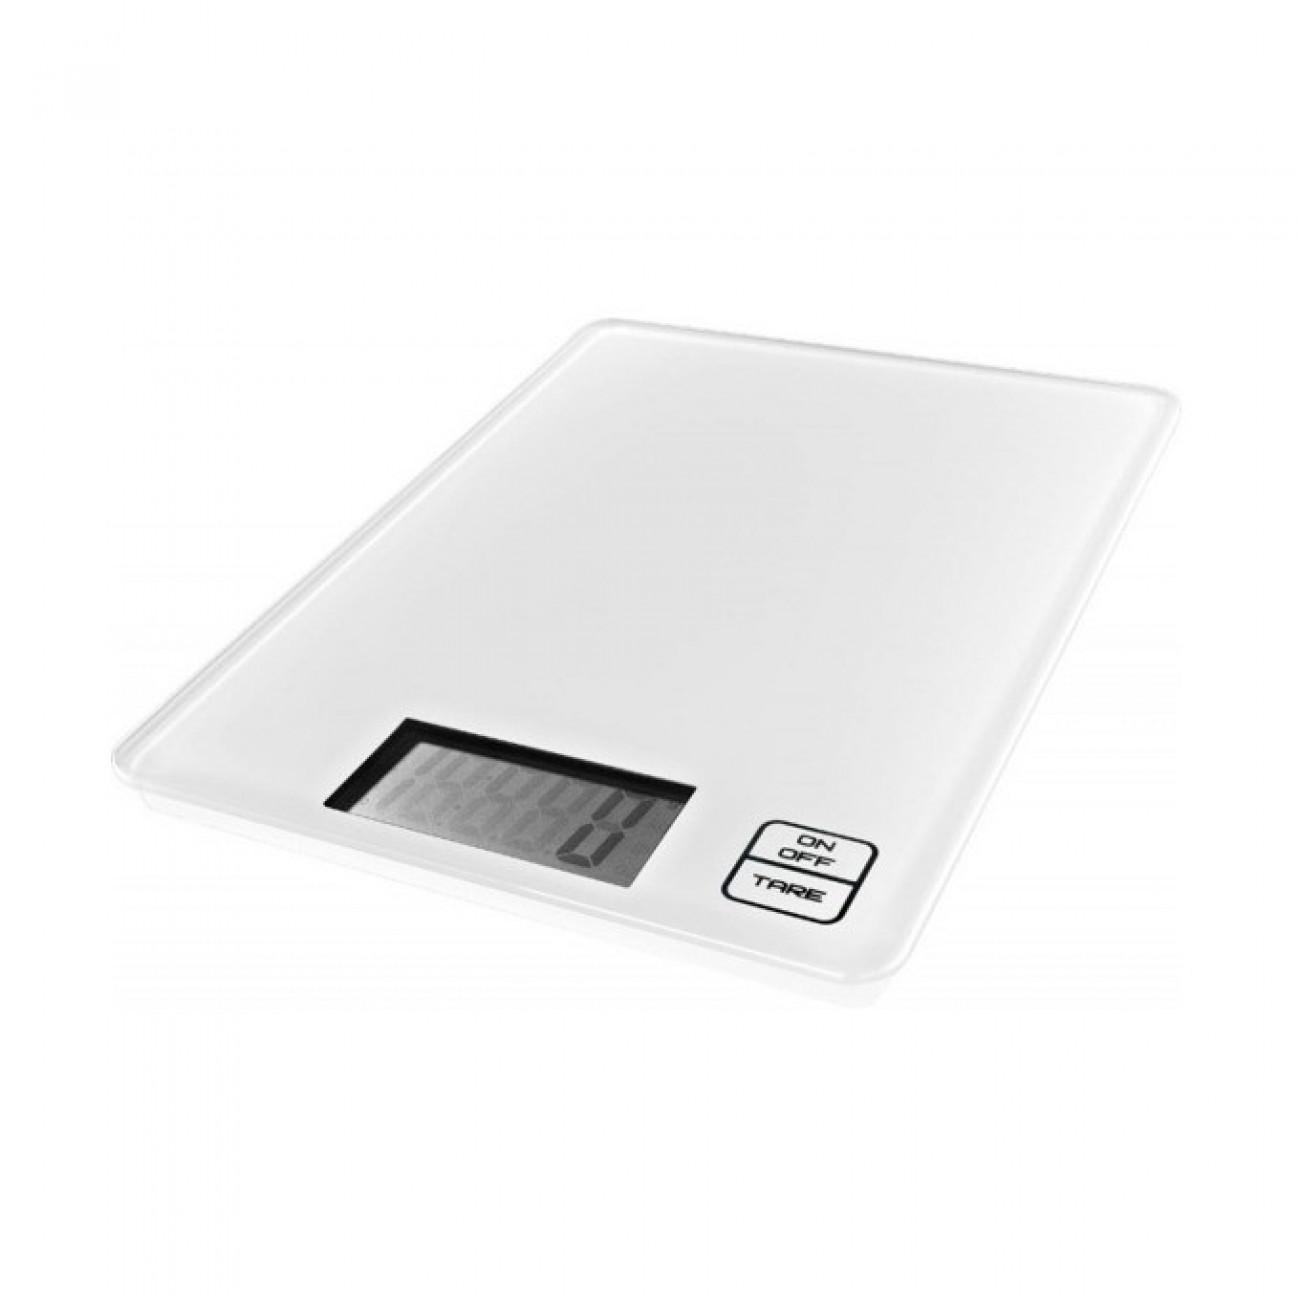 Кухненски кантар GORENJE KT 05 W, дигитален, до 5кг, Сензорно управление, LCD дисплей, Автоматично изключване, Закалено стъкло, Ултра слим дизайн, бял в Кухненски везни -  | Alleop